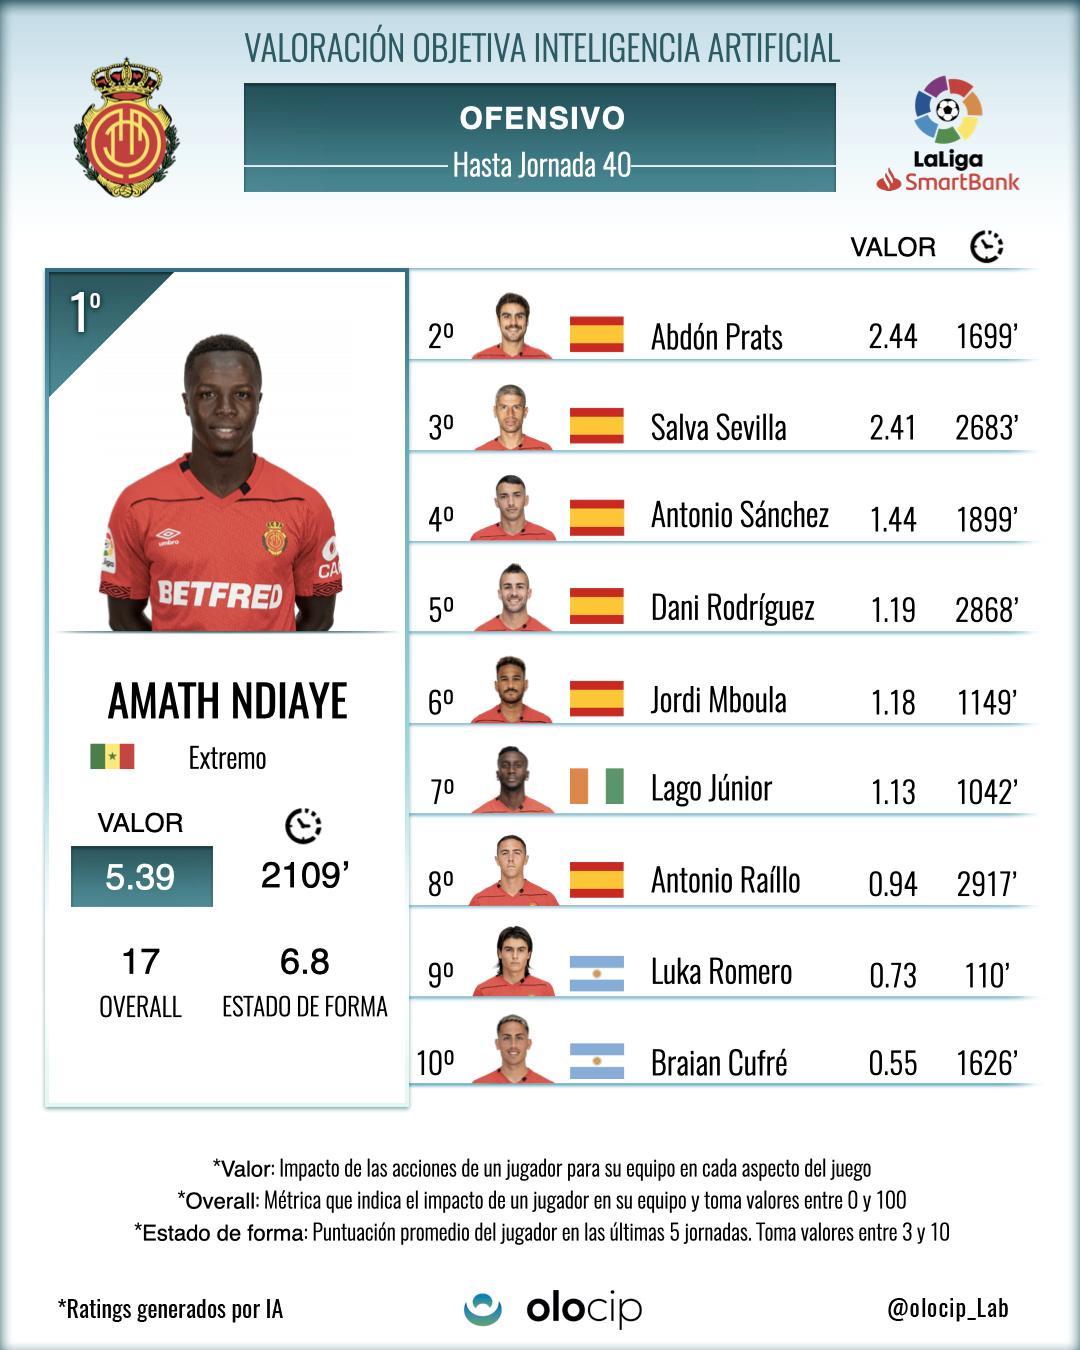 *Top 10 de jugadores del Mallorca que más valor han aportado a su equipo con acciones ofensivas